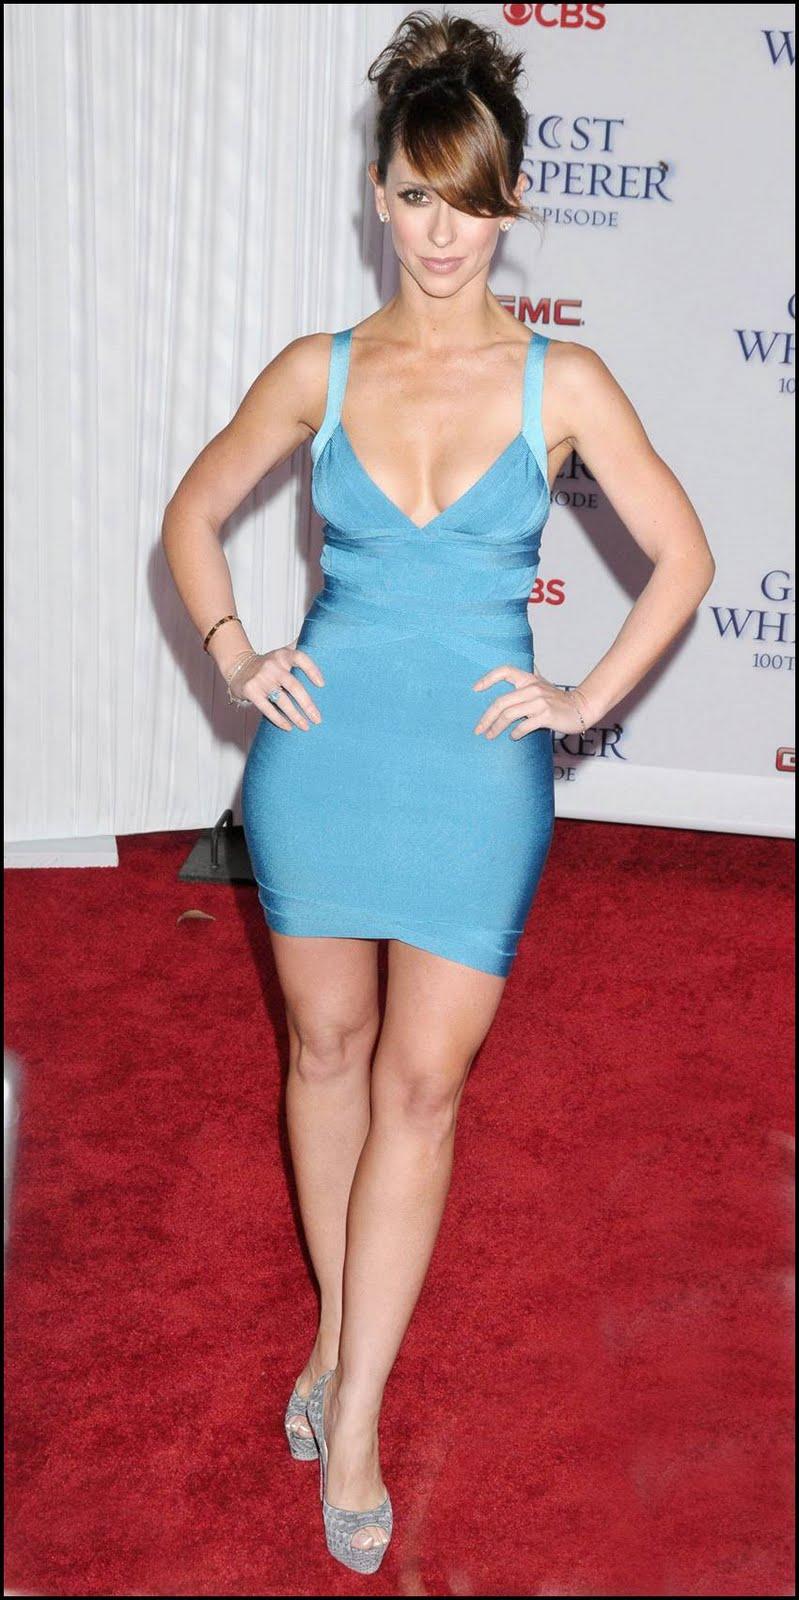 Jennifer Love Hewitt Porn Picture - Xxx Gallery-2266